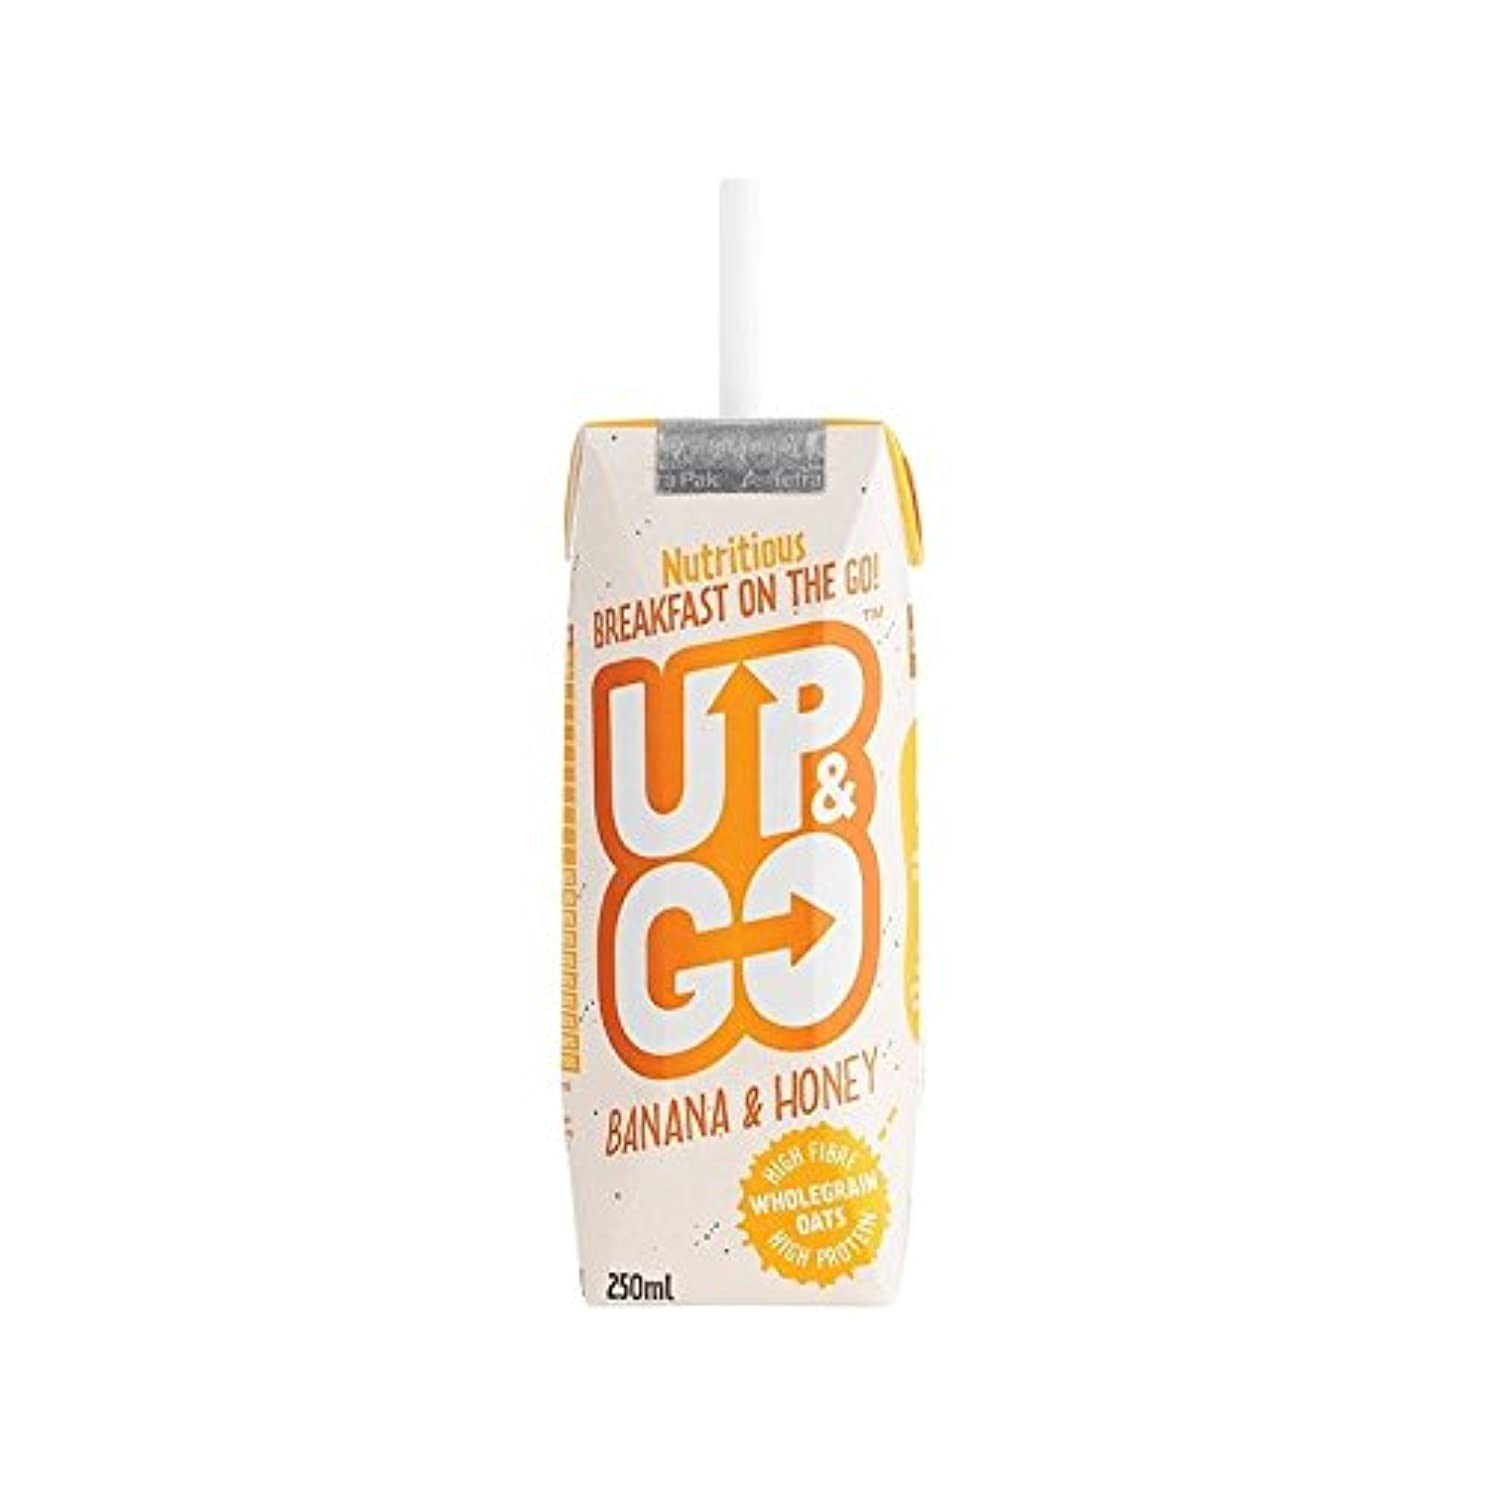 サービス振動する去るオート麦の250ミリリットルとバナナ&ハニー朝食ドリンク (Up&Go) - Up&Go Banana & Honey Breakfast Drink with Oats 250ml [並行輸入品]